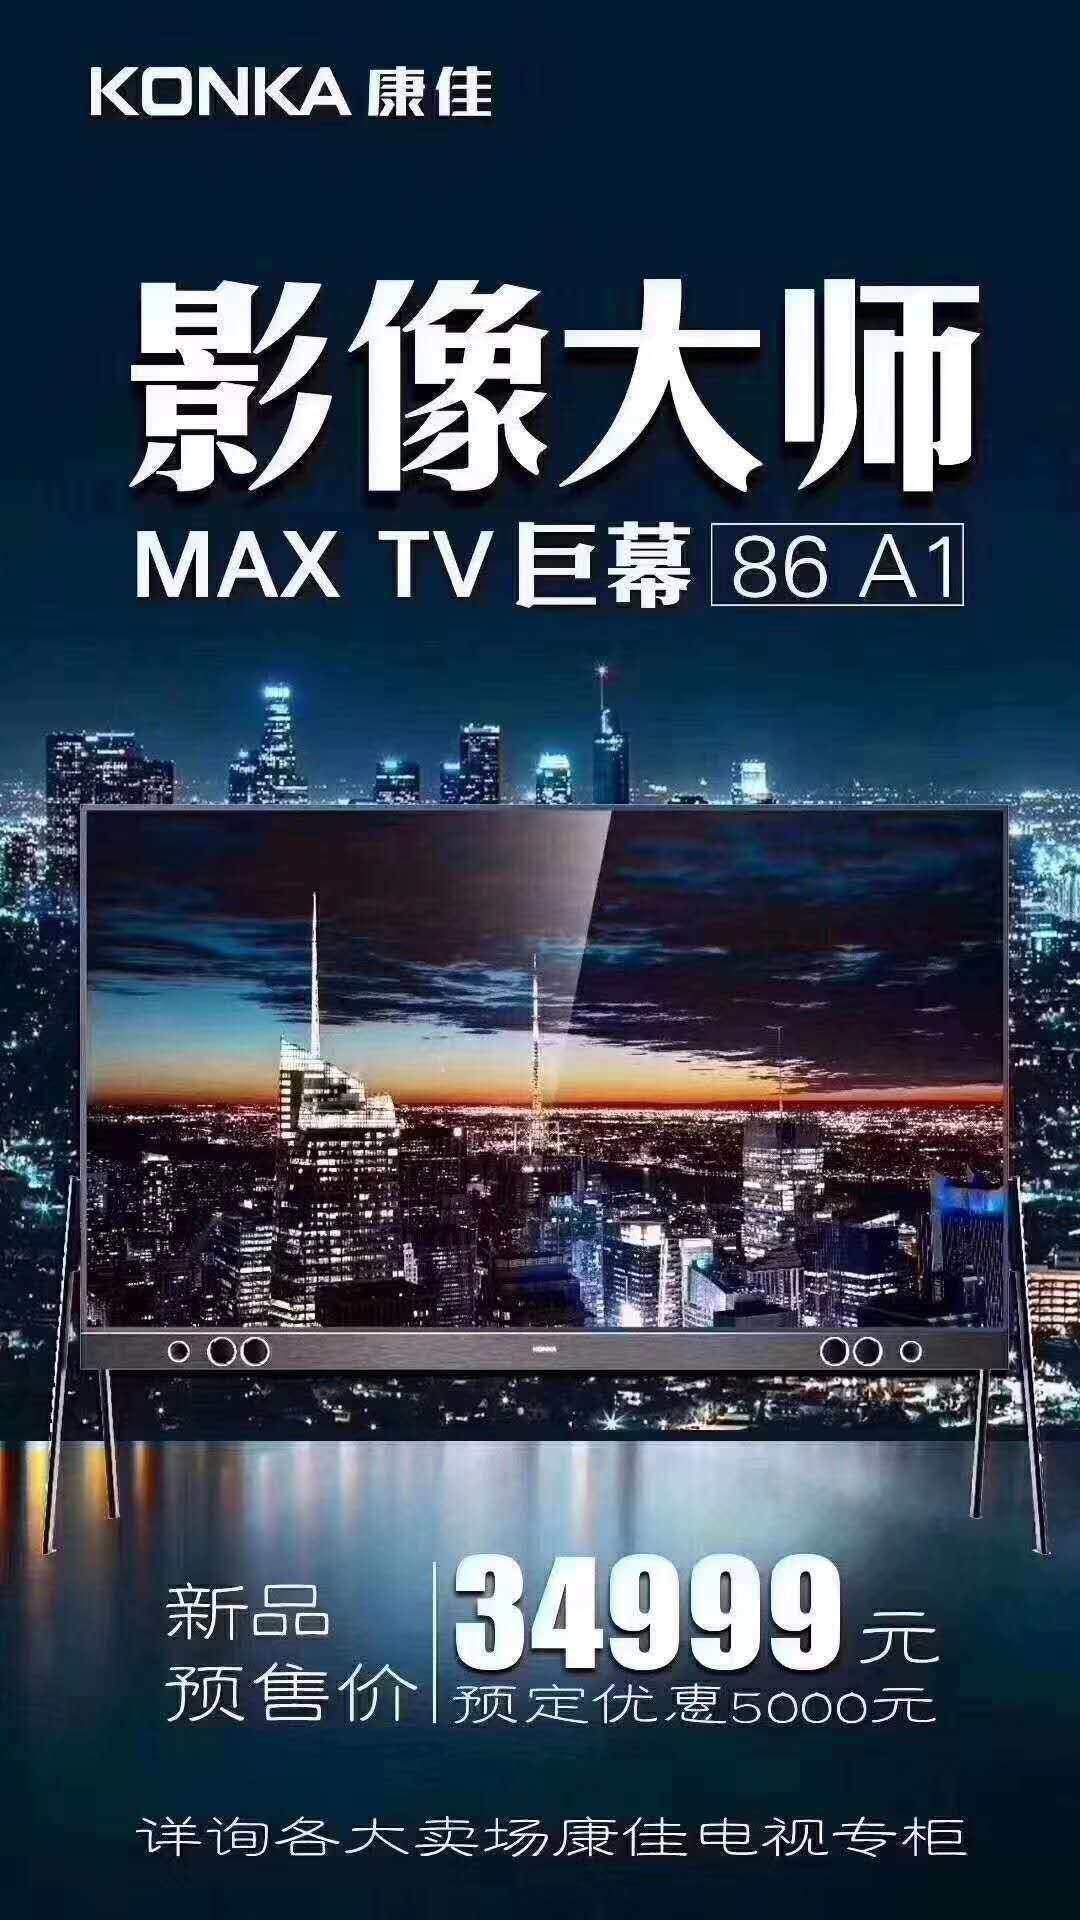 康佳86A1巨幕电视线下预售 86吋超大屏幕过足瘾